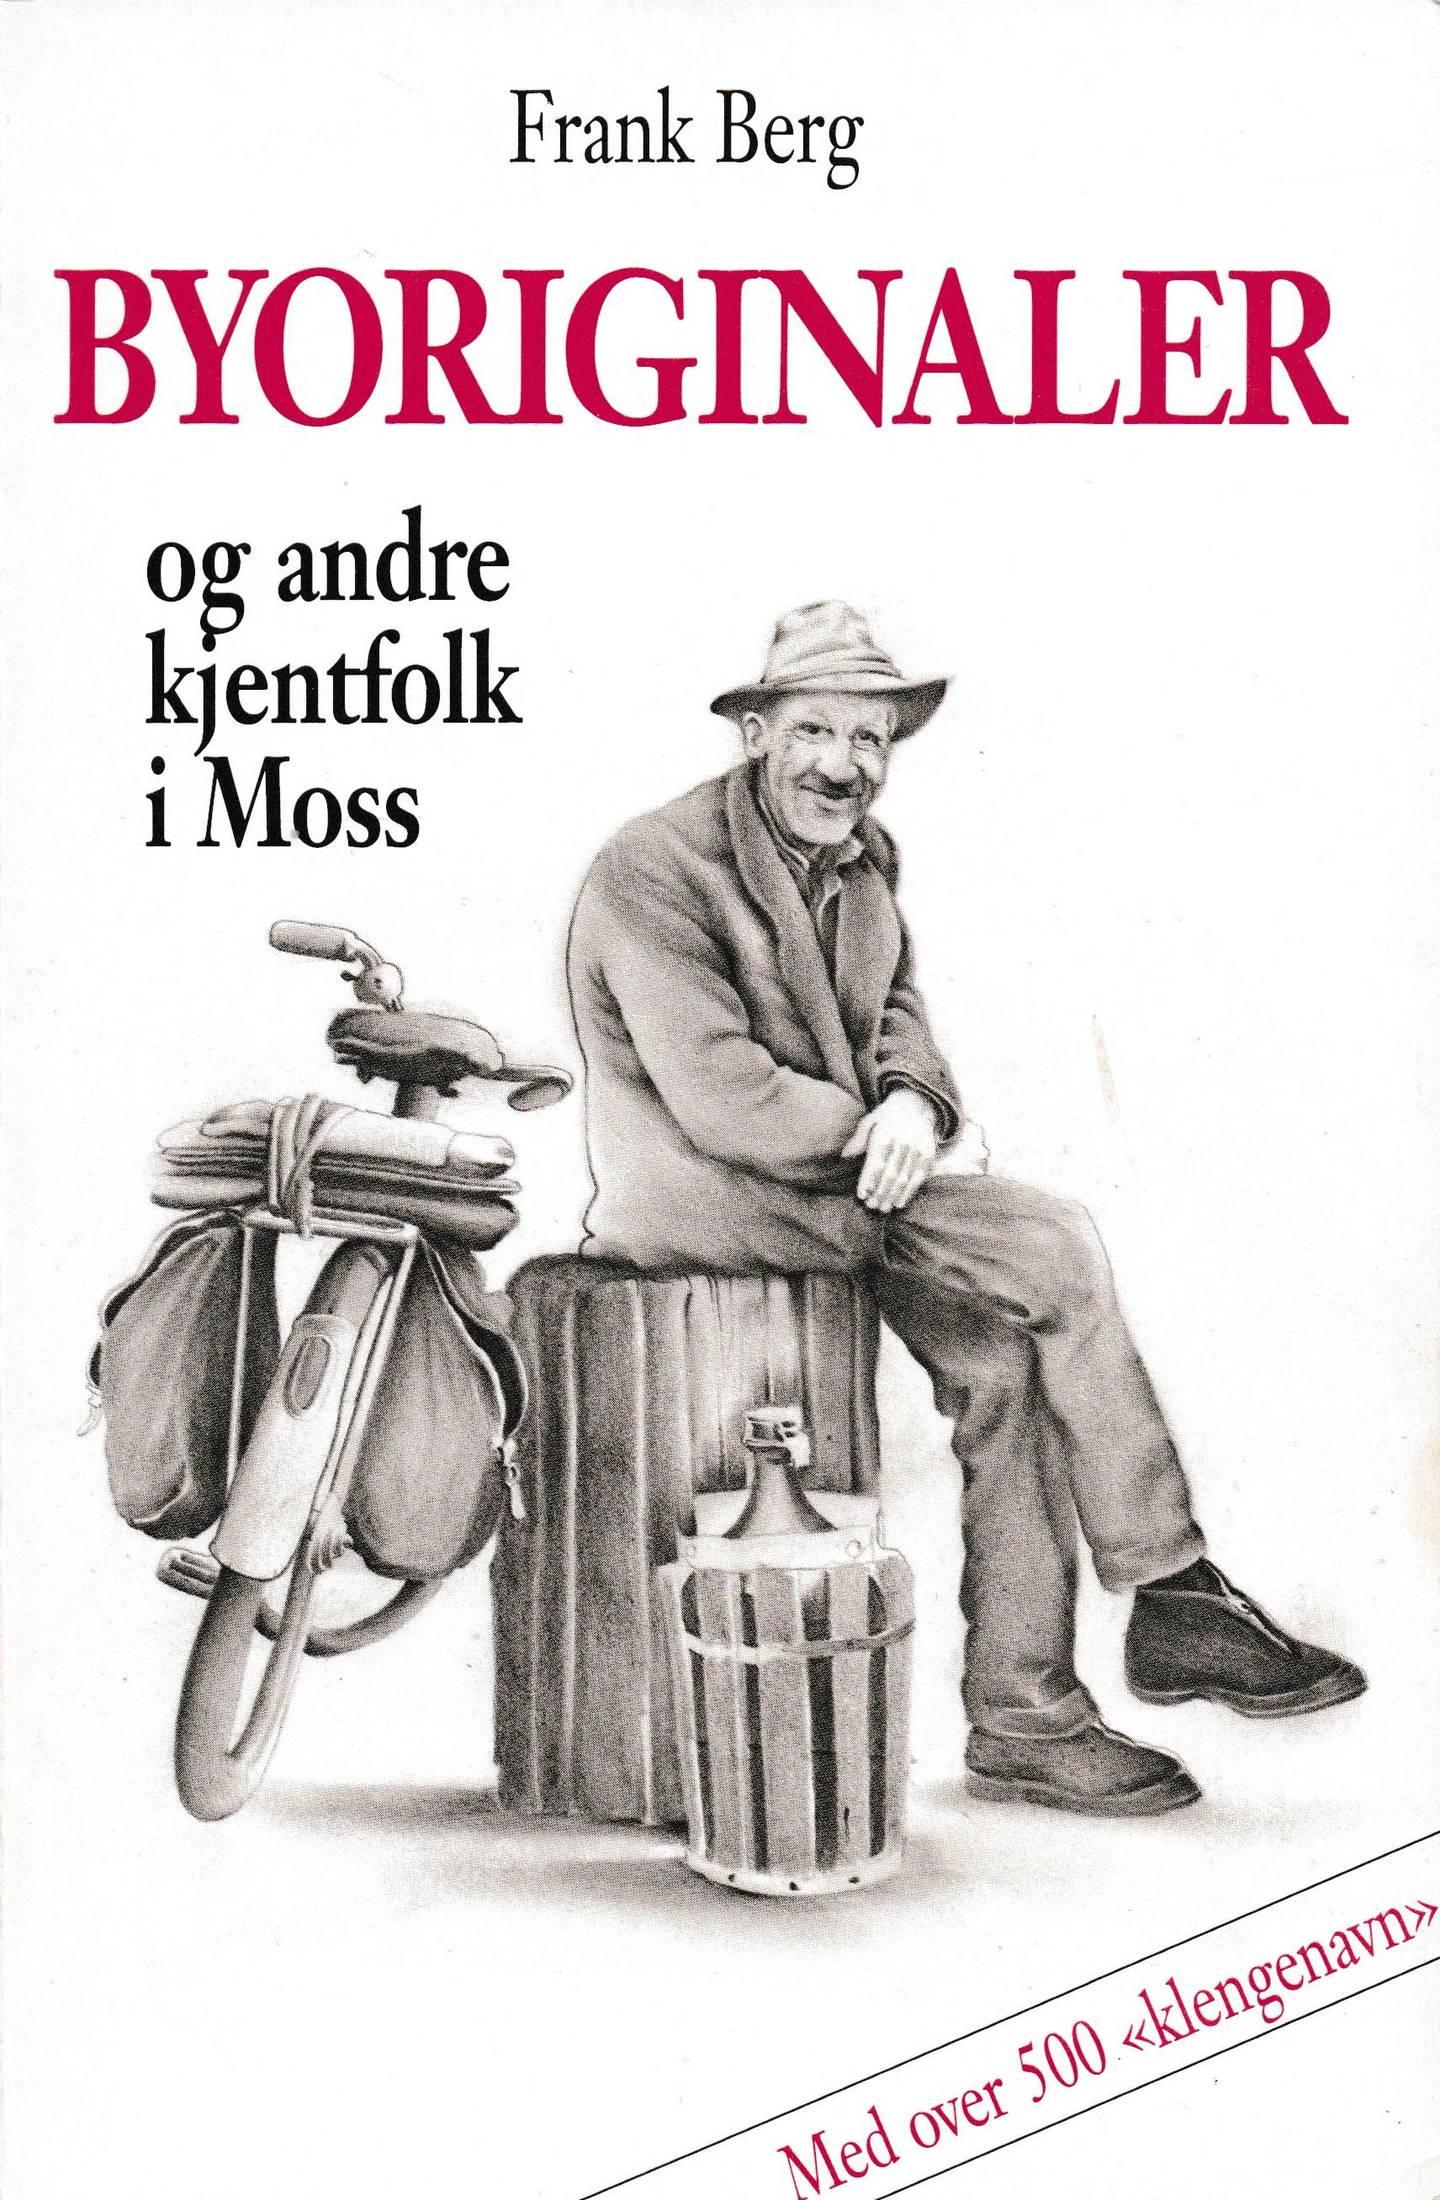 Boka Byoriginaler av Frank Berg. Utgitt første gang i 1991. Utgitt på nytt i 1996, etter at Frank Berg døde 29. juli 1996.